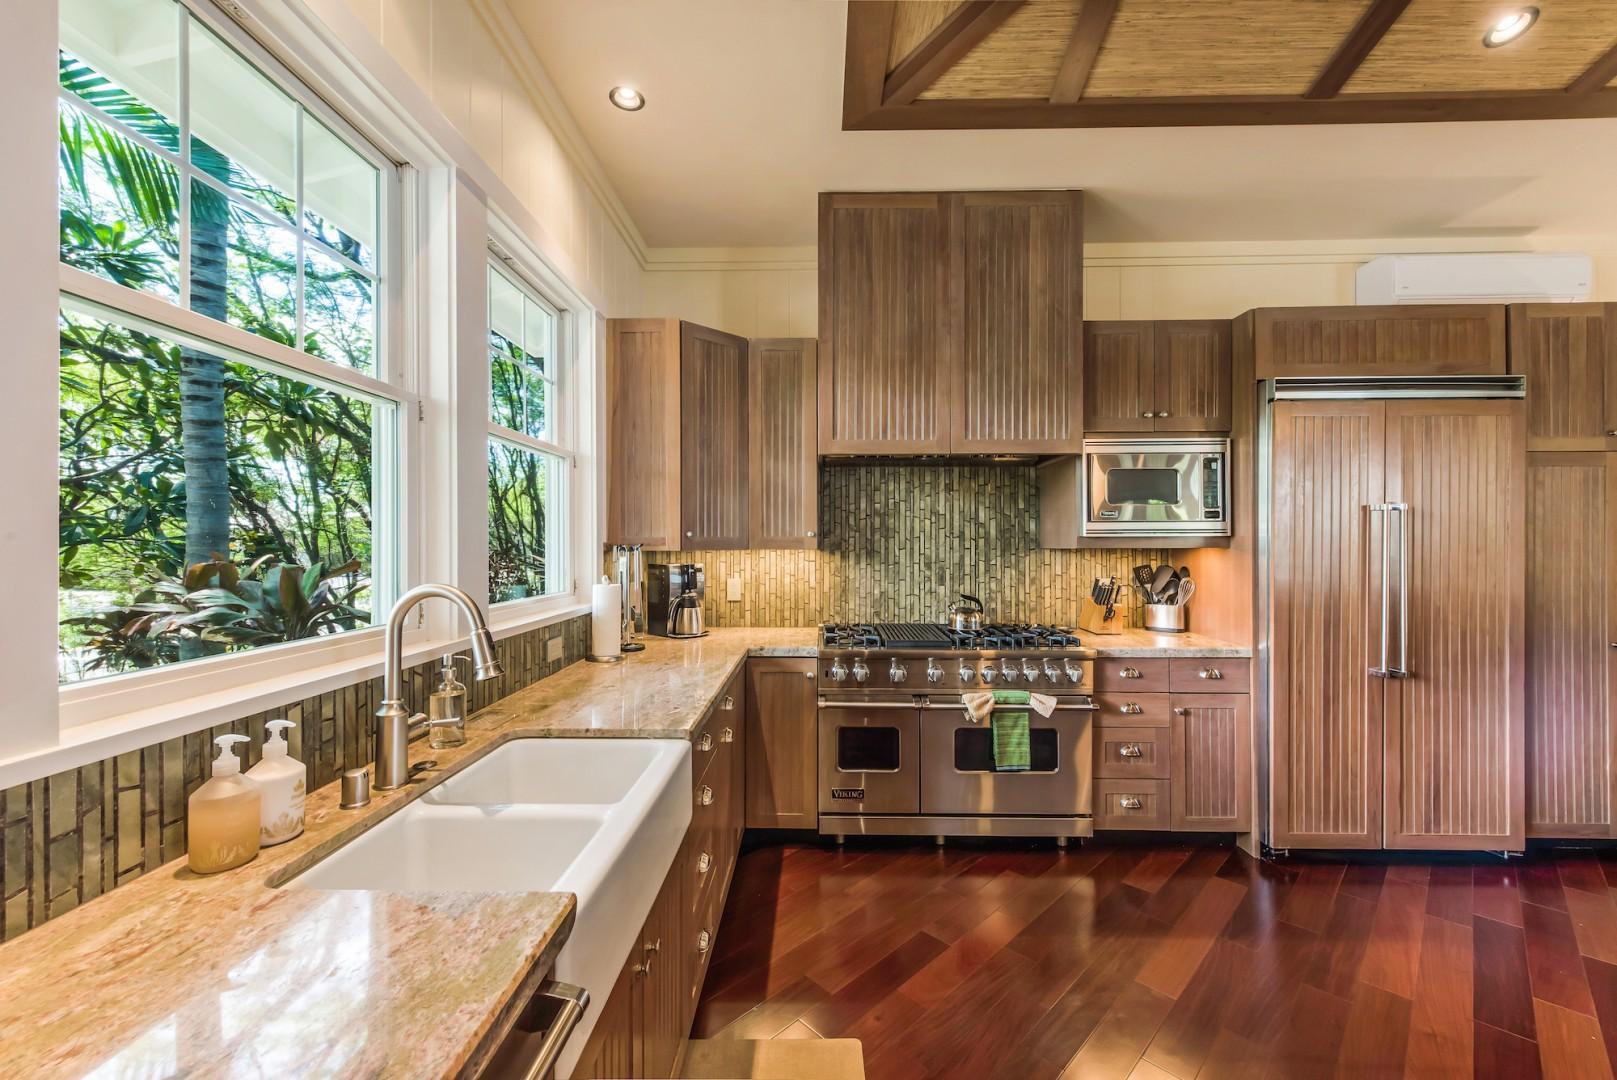 Spacious Gourmet Kitchen w/ Viking Appliances, Gas Range and Two Sinks,